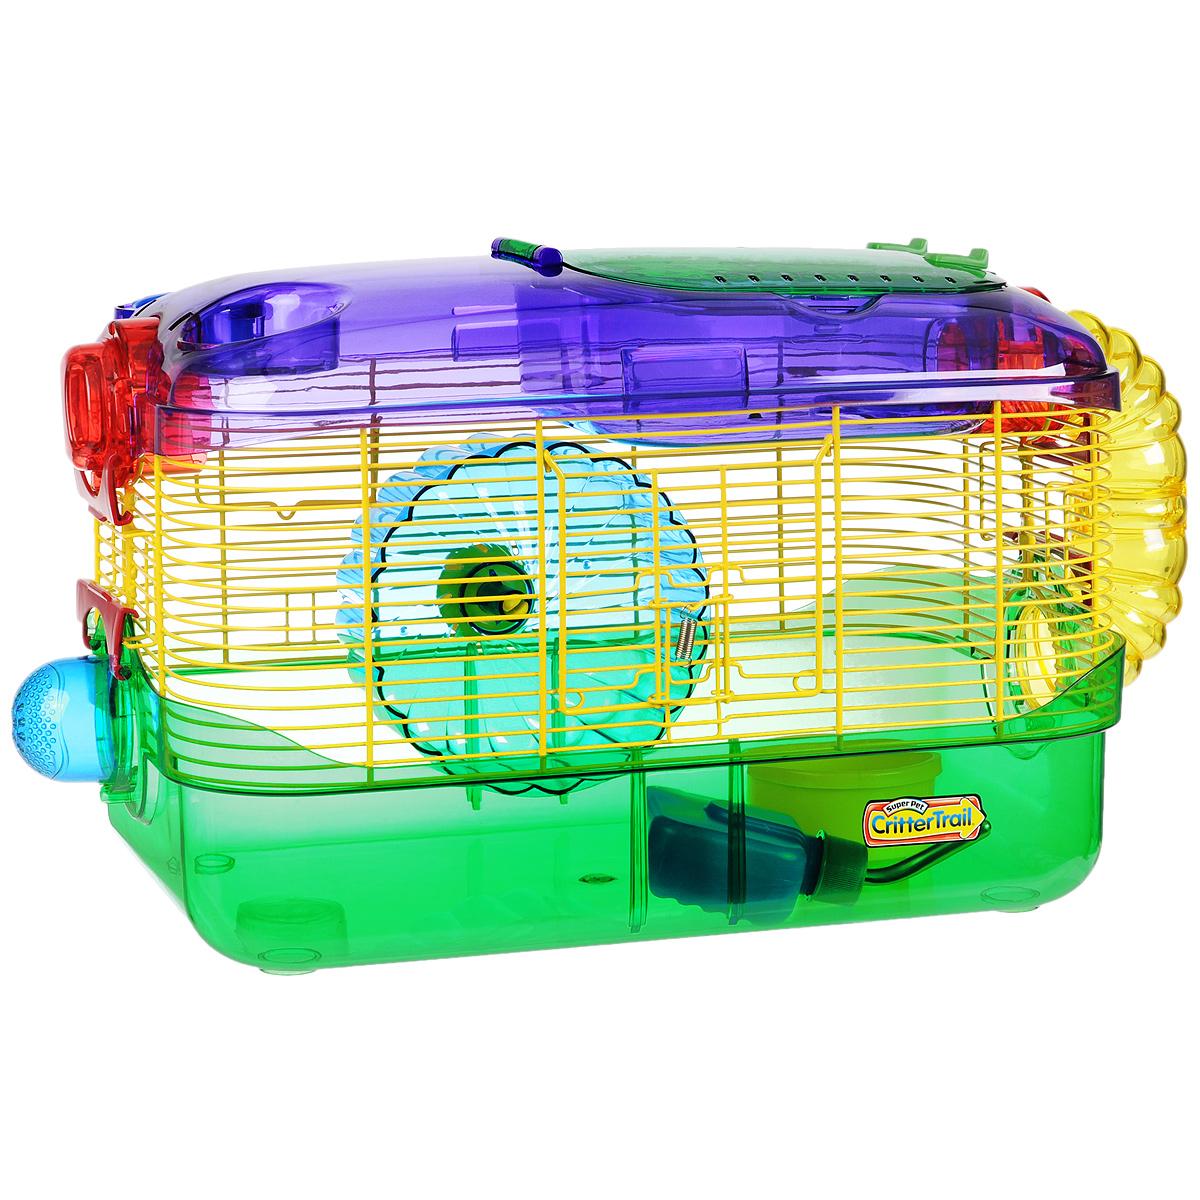 Клетка для грызунов I.P.T.S. One, с игровым комплексом, 41 см х 27 см х 28 смКВР1АбЯркая цветная клетка снабжена всем необходимым для отдыха и активной жизни грызунов. Подходит для мышей, песчанок, хомяков. Клетка оборудована колесом для подвижных игр, специальной трубой для передвижения, кормушкой и поилкой. Есть отдельный этаж, который будет служить местом для отдыха. Клетка выполнена из прозрачного пластика. Надежно закрывается на защелки. Такая клетка станет уединенным личным пространством и уютным домиком для маленького грызуна. Высота стенки поддона: 8,5 см.